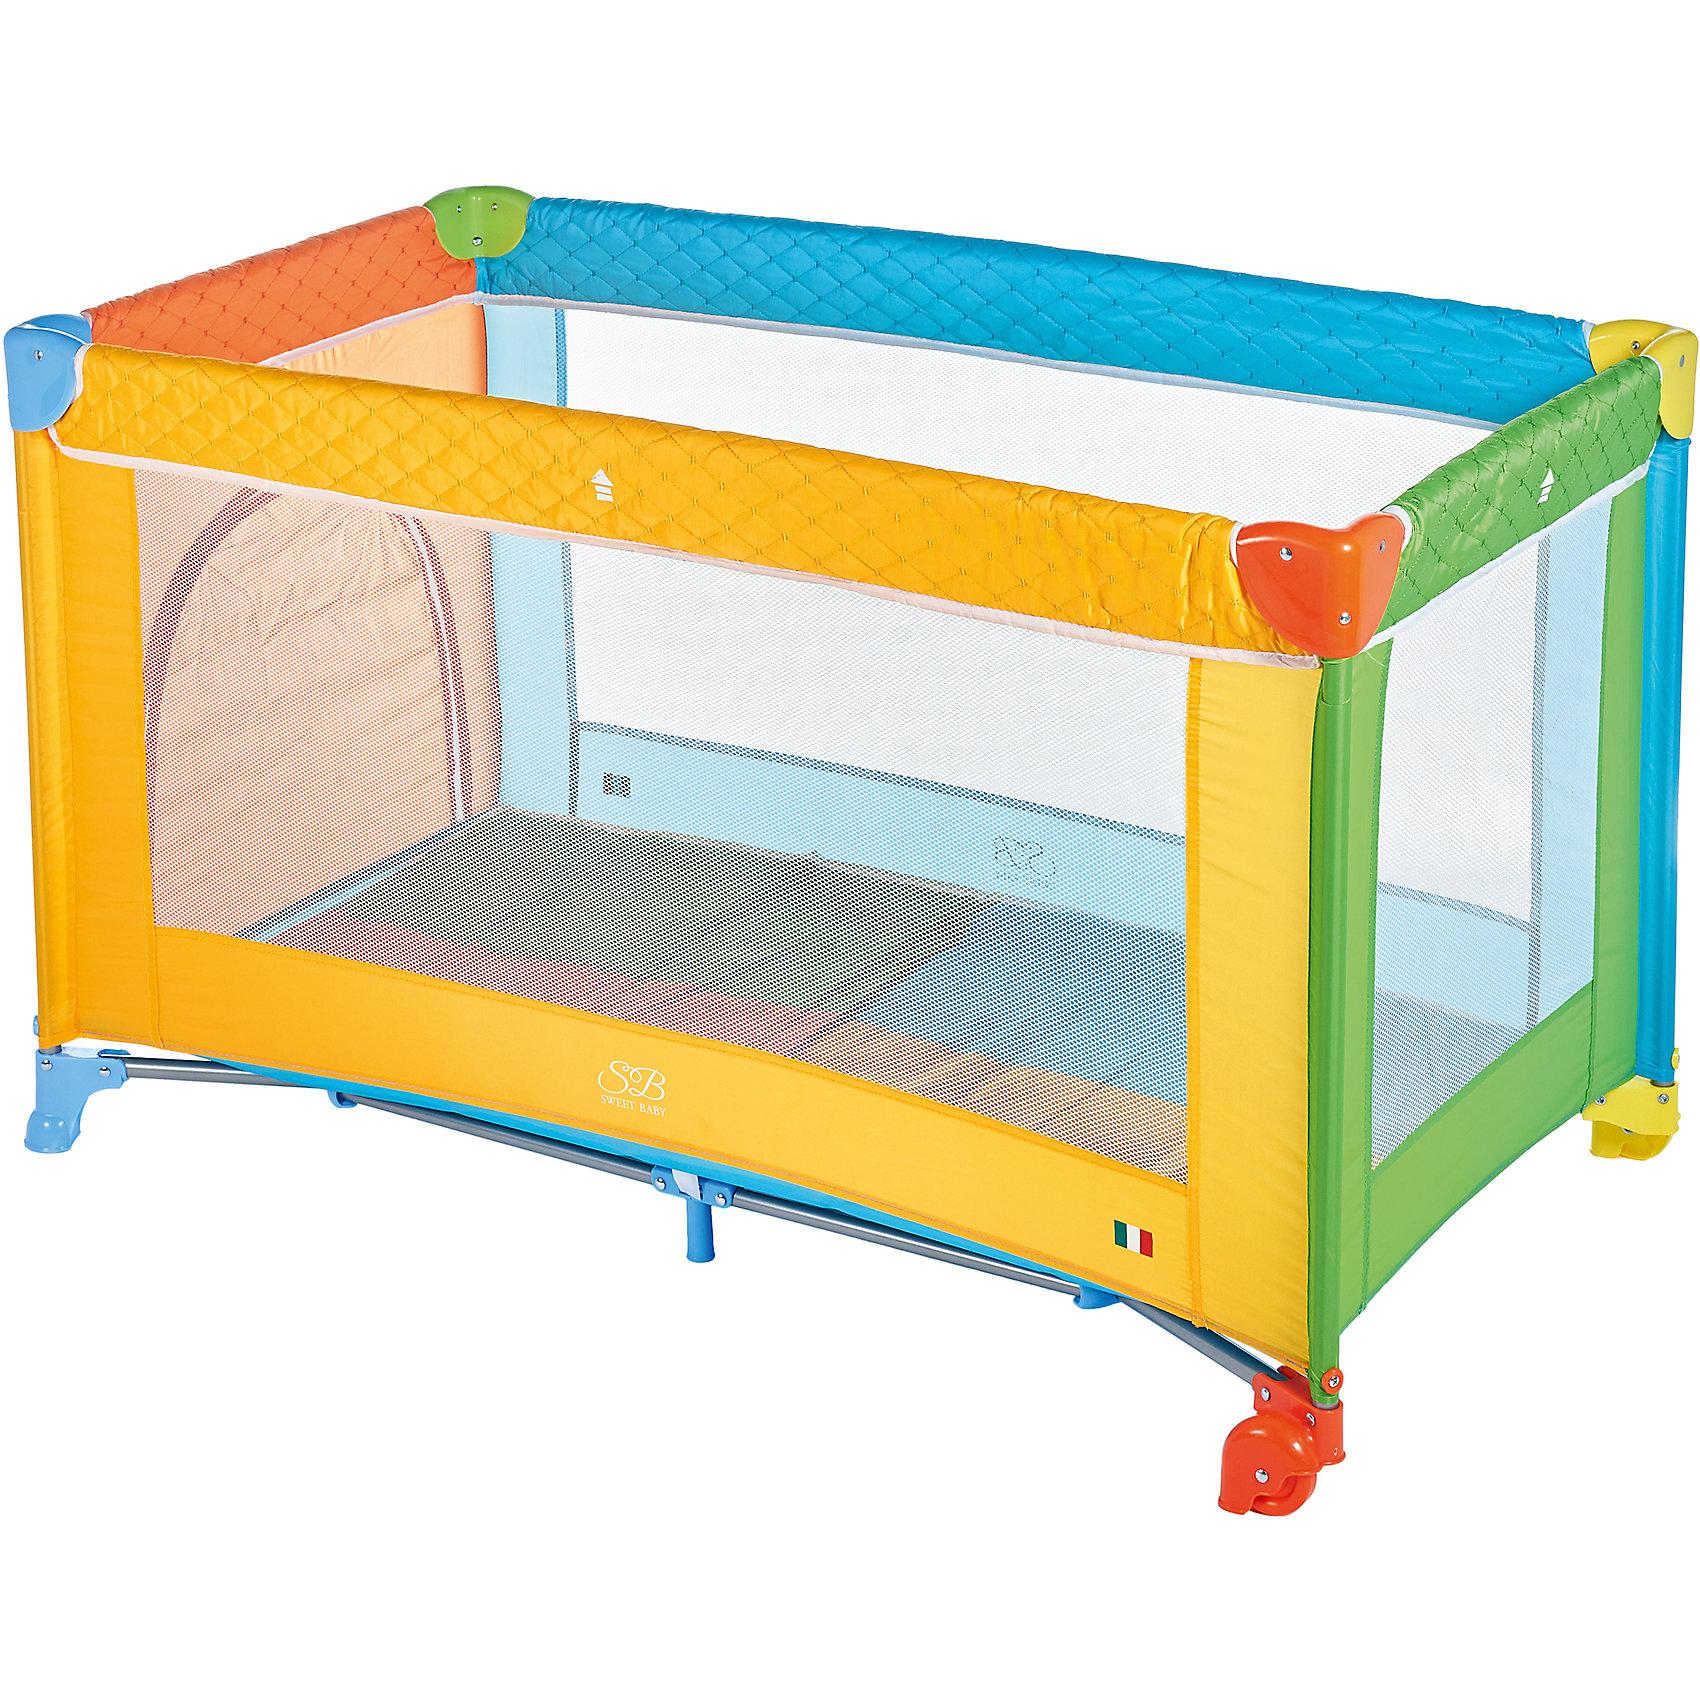 Манеж-кровать Sweet Baby Carnevale, ColoreМанежи-кровати<br>Манеж-кровать Sweet Baby Carnevale, Colore<br><br>Характеристики:<br><br>Лаз на молнии<br>Москитная сетка<br>Чехол для переноски манежа в комплекте.<br>Компактный в сложенном виде, легко расскладывается, жесткое дно. Mягкий матрас в комплекте.<br>2 колесика со стоперами для удобного перемещения, дополнительная подставка в центре.<br>Новая безопасная конструкция колеса где стоппером является удлиненная часть крышка колеса. Не требуется нажимать тормоз. Манеж твердо стоит на поверхности. <br><br>Вес 9 кг<br>Размер: 120х60х76 см<br><br>Ширина мм: 100<br>Глубина мм: 60<br>Высота мм: 76<br>Вес г: 10000<br>Возраст от месяцев: 0<br>Возраст до месяцев: 36<br>Пол: Унисекс<br>Возраст: Детский<br>SKU: 7140466